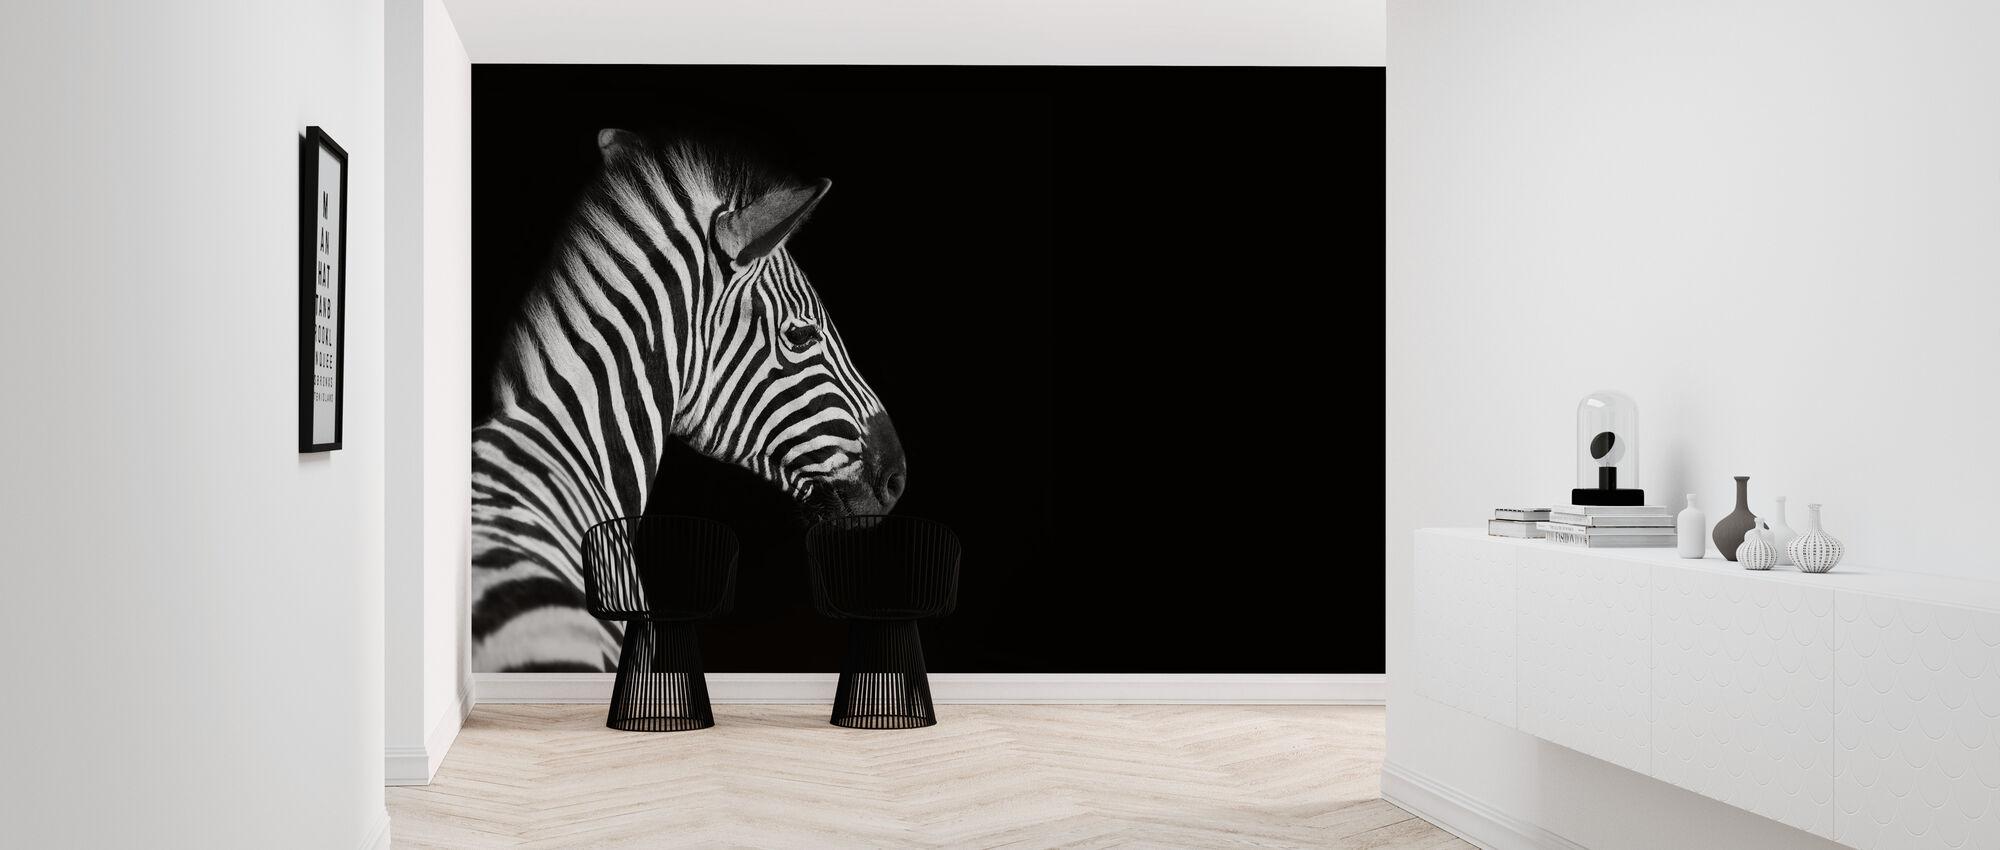 Zebra - Wallpaper - Hallway